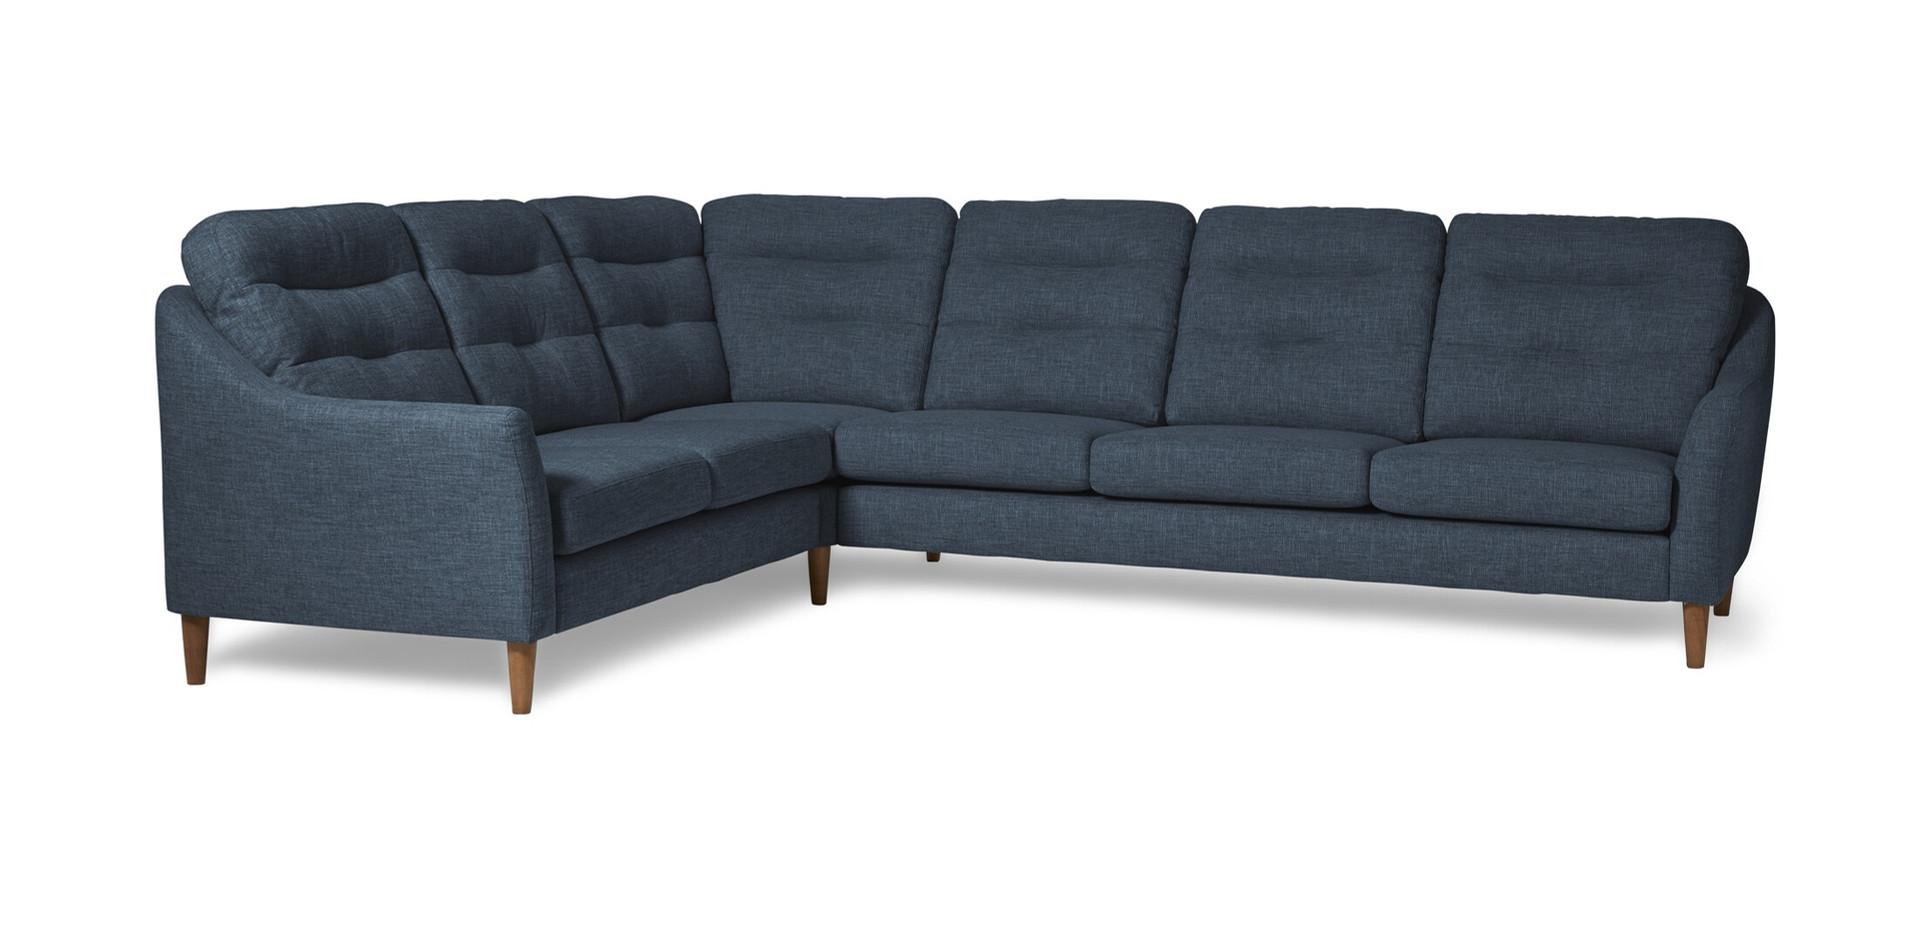 Variant H23 Bari blue